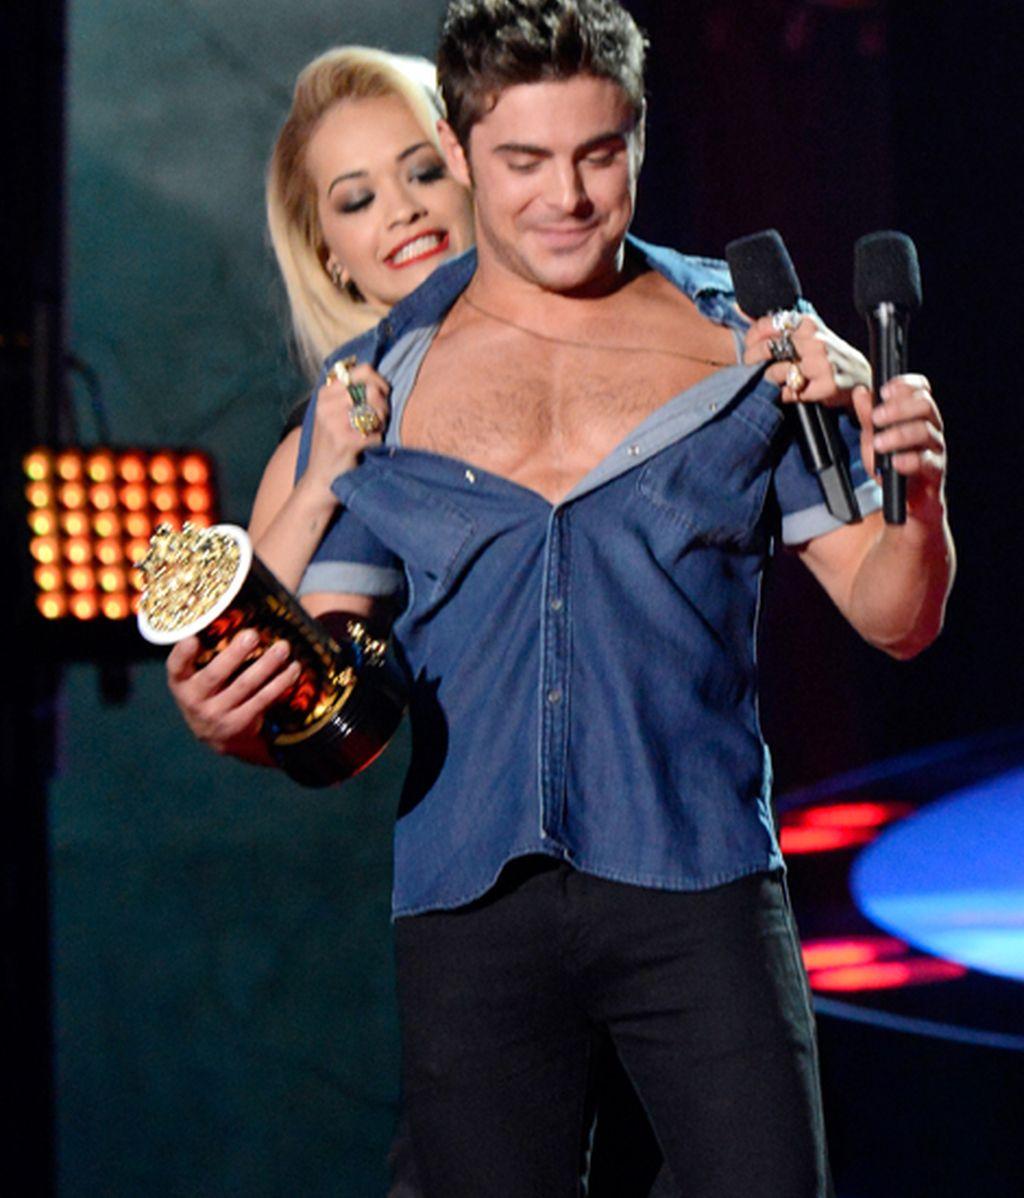 Zac Efron sin camiseta, el gran momento de la noche en el Kodak Theatre de Los Ángeles